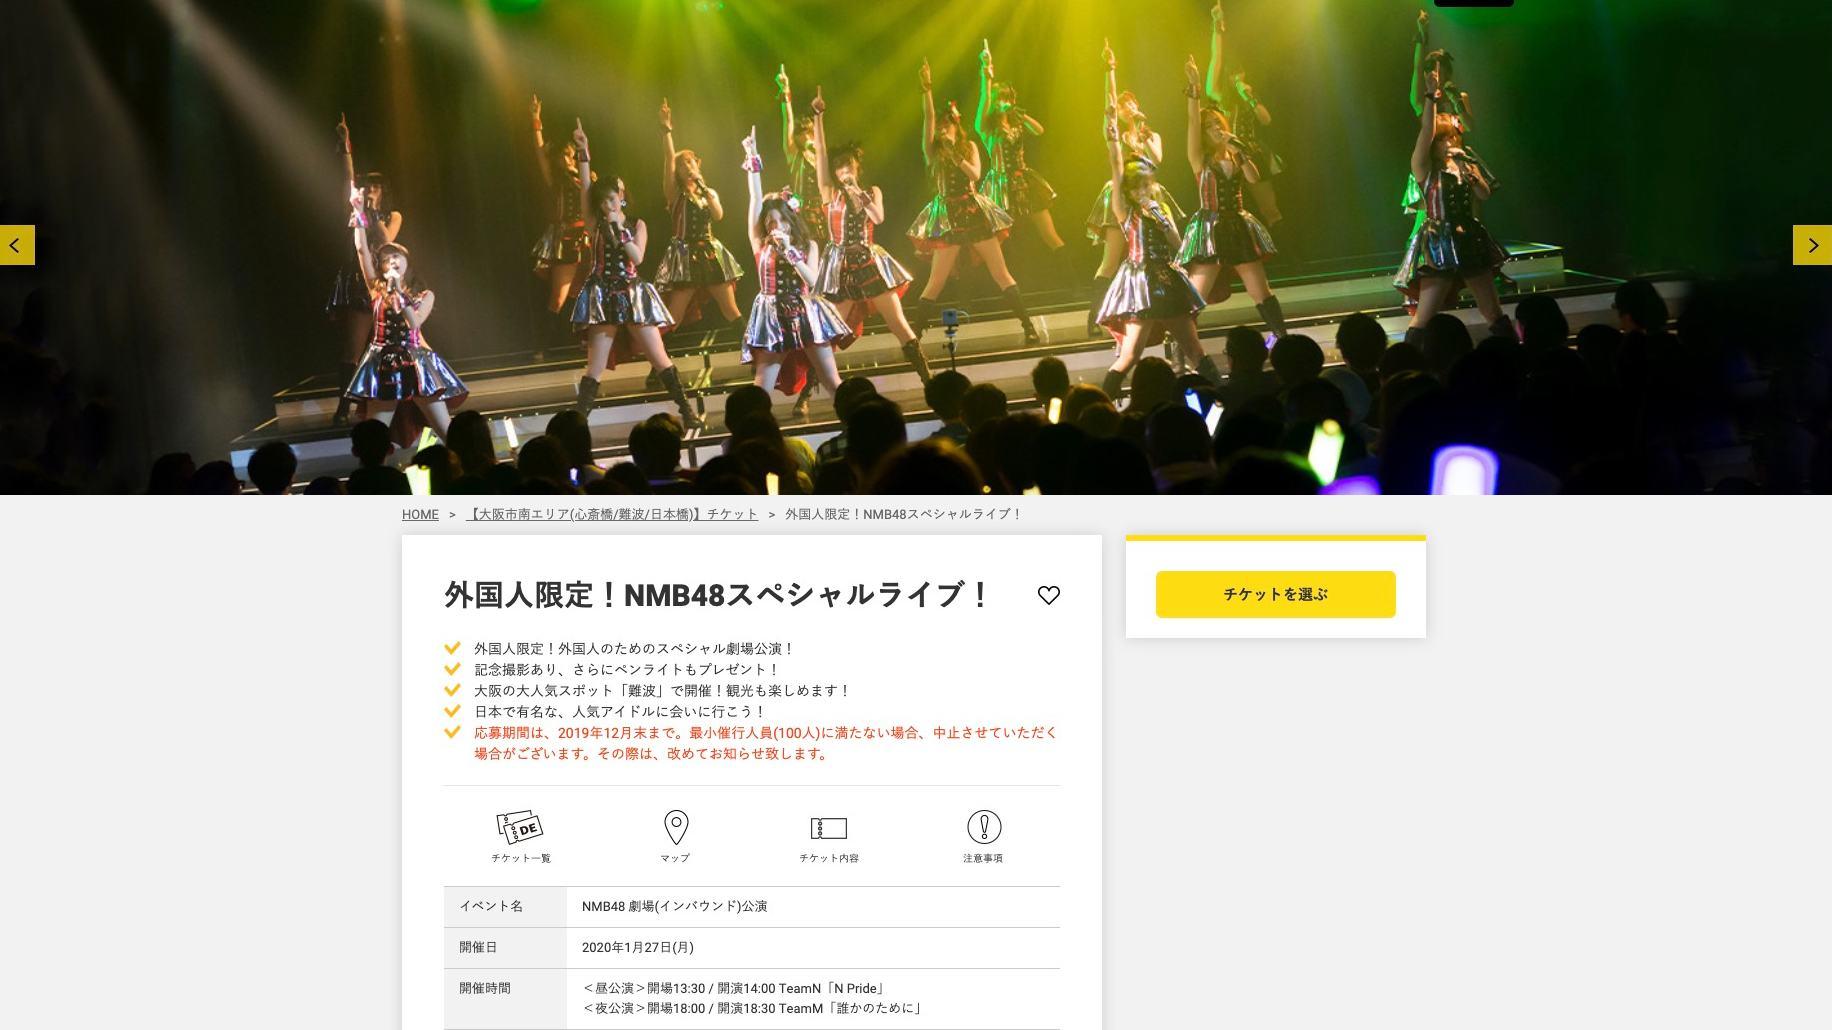 【NMB48】2020年1月27日に外国人のためのスペシャル劇場公演「NMB48 劇場(インバウンド)公演」を開催